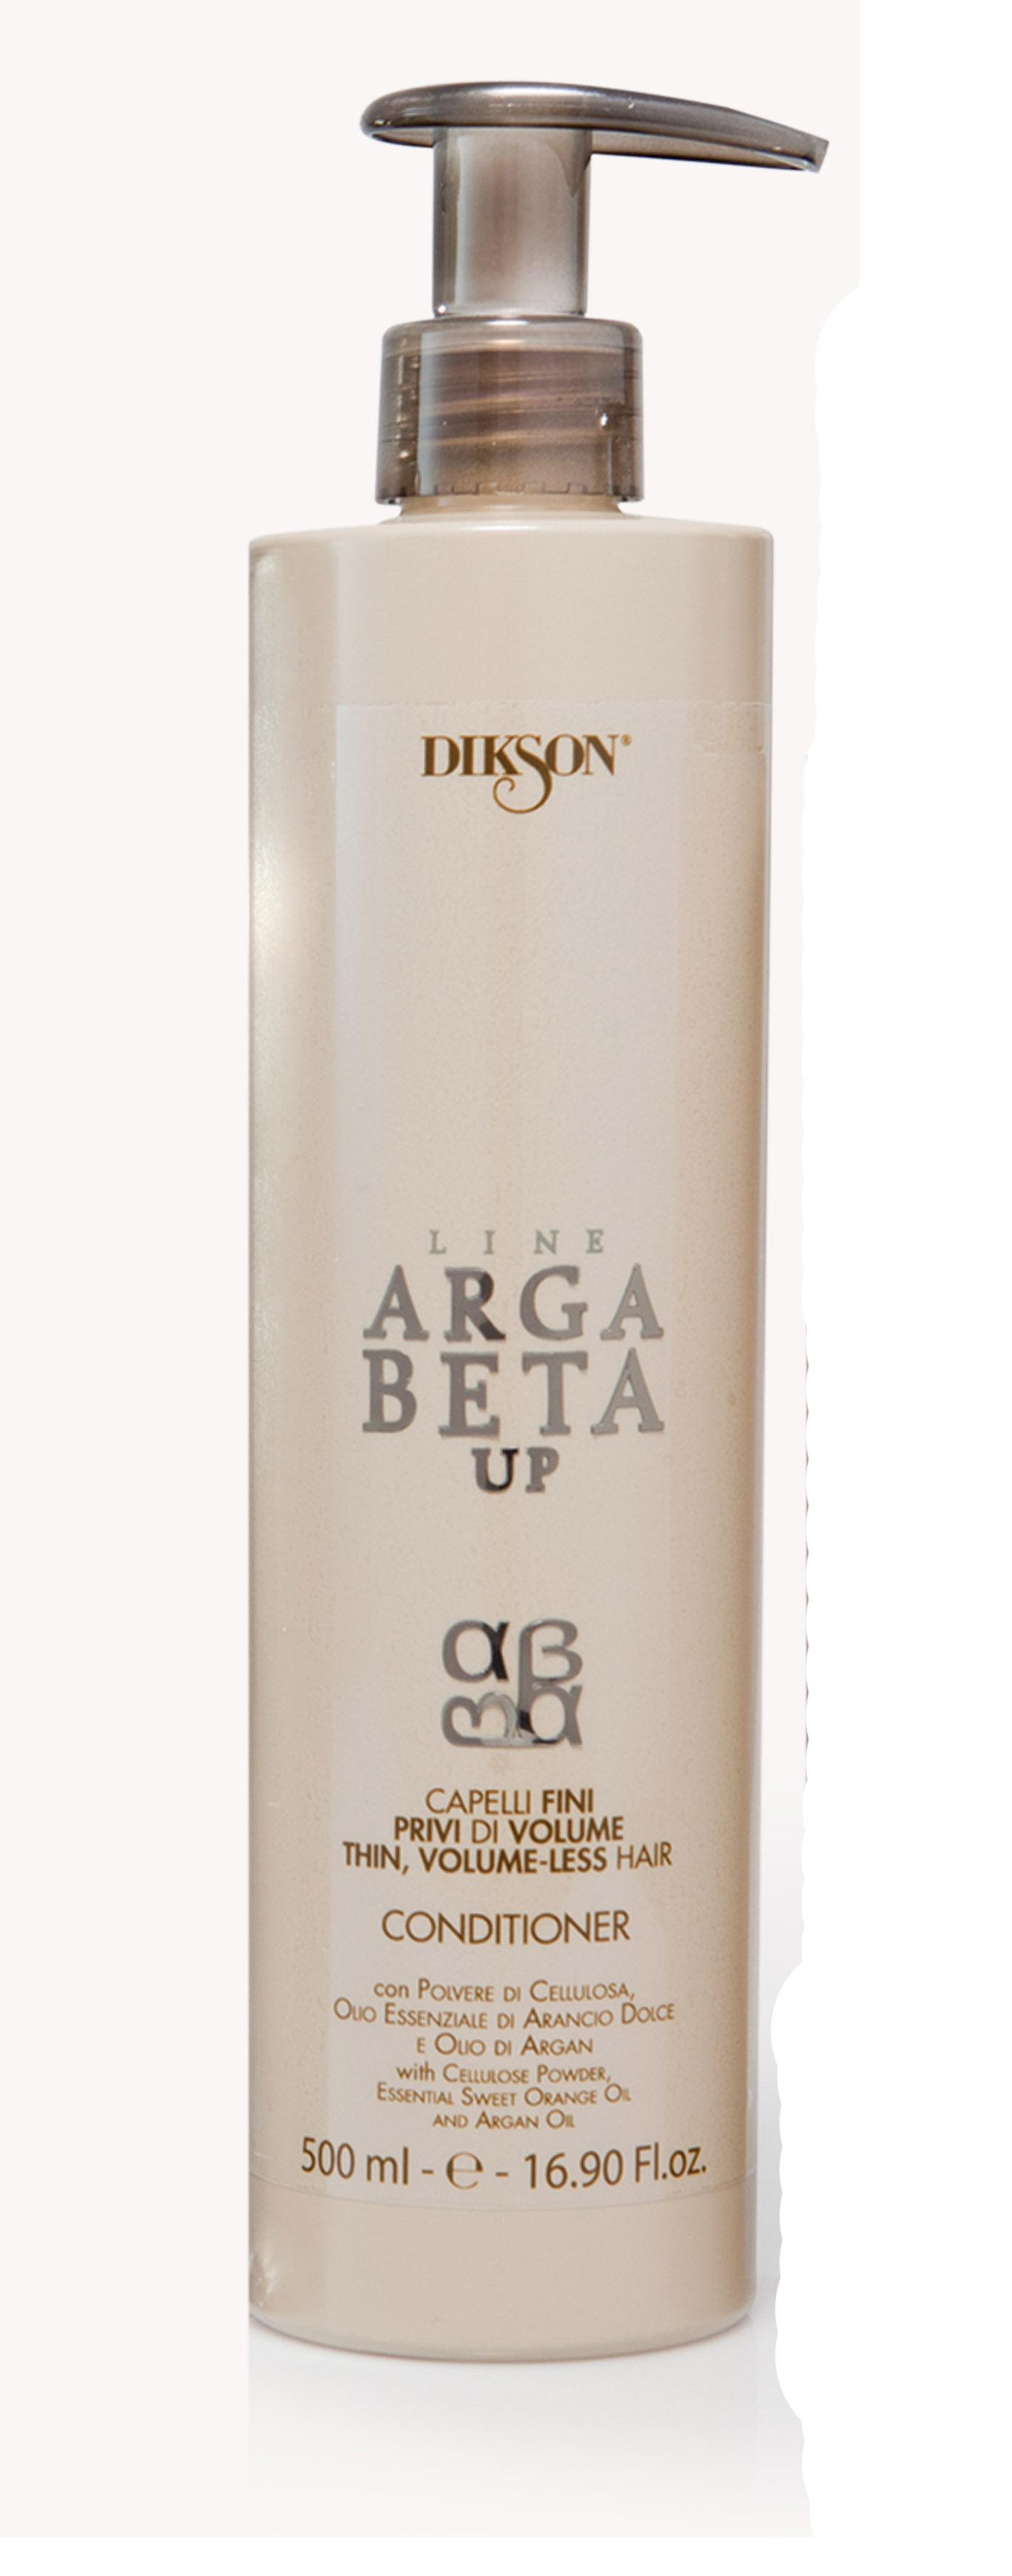 DIKSON Кондиционер для тонких волос / ARGABETA UP Capelli Di Volume 500млКондиционеры<br>Кондиционер имеет жидкую кремообразную легкую текстуру. Обеспечивает идеальный уход за тонкими, ломкими и безжизненными волосами, делая их гуще и плотнее, придавая объем. В основе содержит целлюлозный порошок, который при контакте с водой увеличивает объем и плотность волосяного волокна, и фирное масло сладкого Апельсина и Аргановое масло, которые значительно улучшают структуру волос на ощупь и визуально, придавая им красивый блеск. Активные ингредиенты: целлюлозный порошок, эфирное масло сладкого апельсина и масло Арганы. Способ применения: нанести на вымытые волосы, промокнуть полотенцем. Подержать 5/10 минут и ополоснуть водой. Перед сушкой завершить процедуру, используя спрей для придания объема для тонких и лишенных объема волос Argabeta up.<br><br>Тип: Порошок<br>Объем: 500 мл